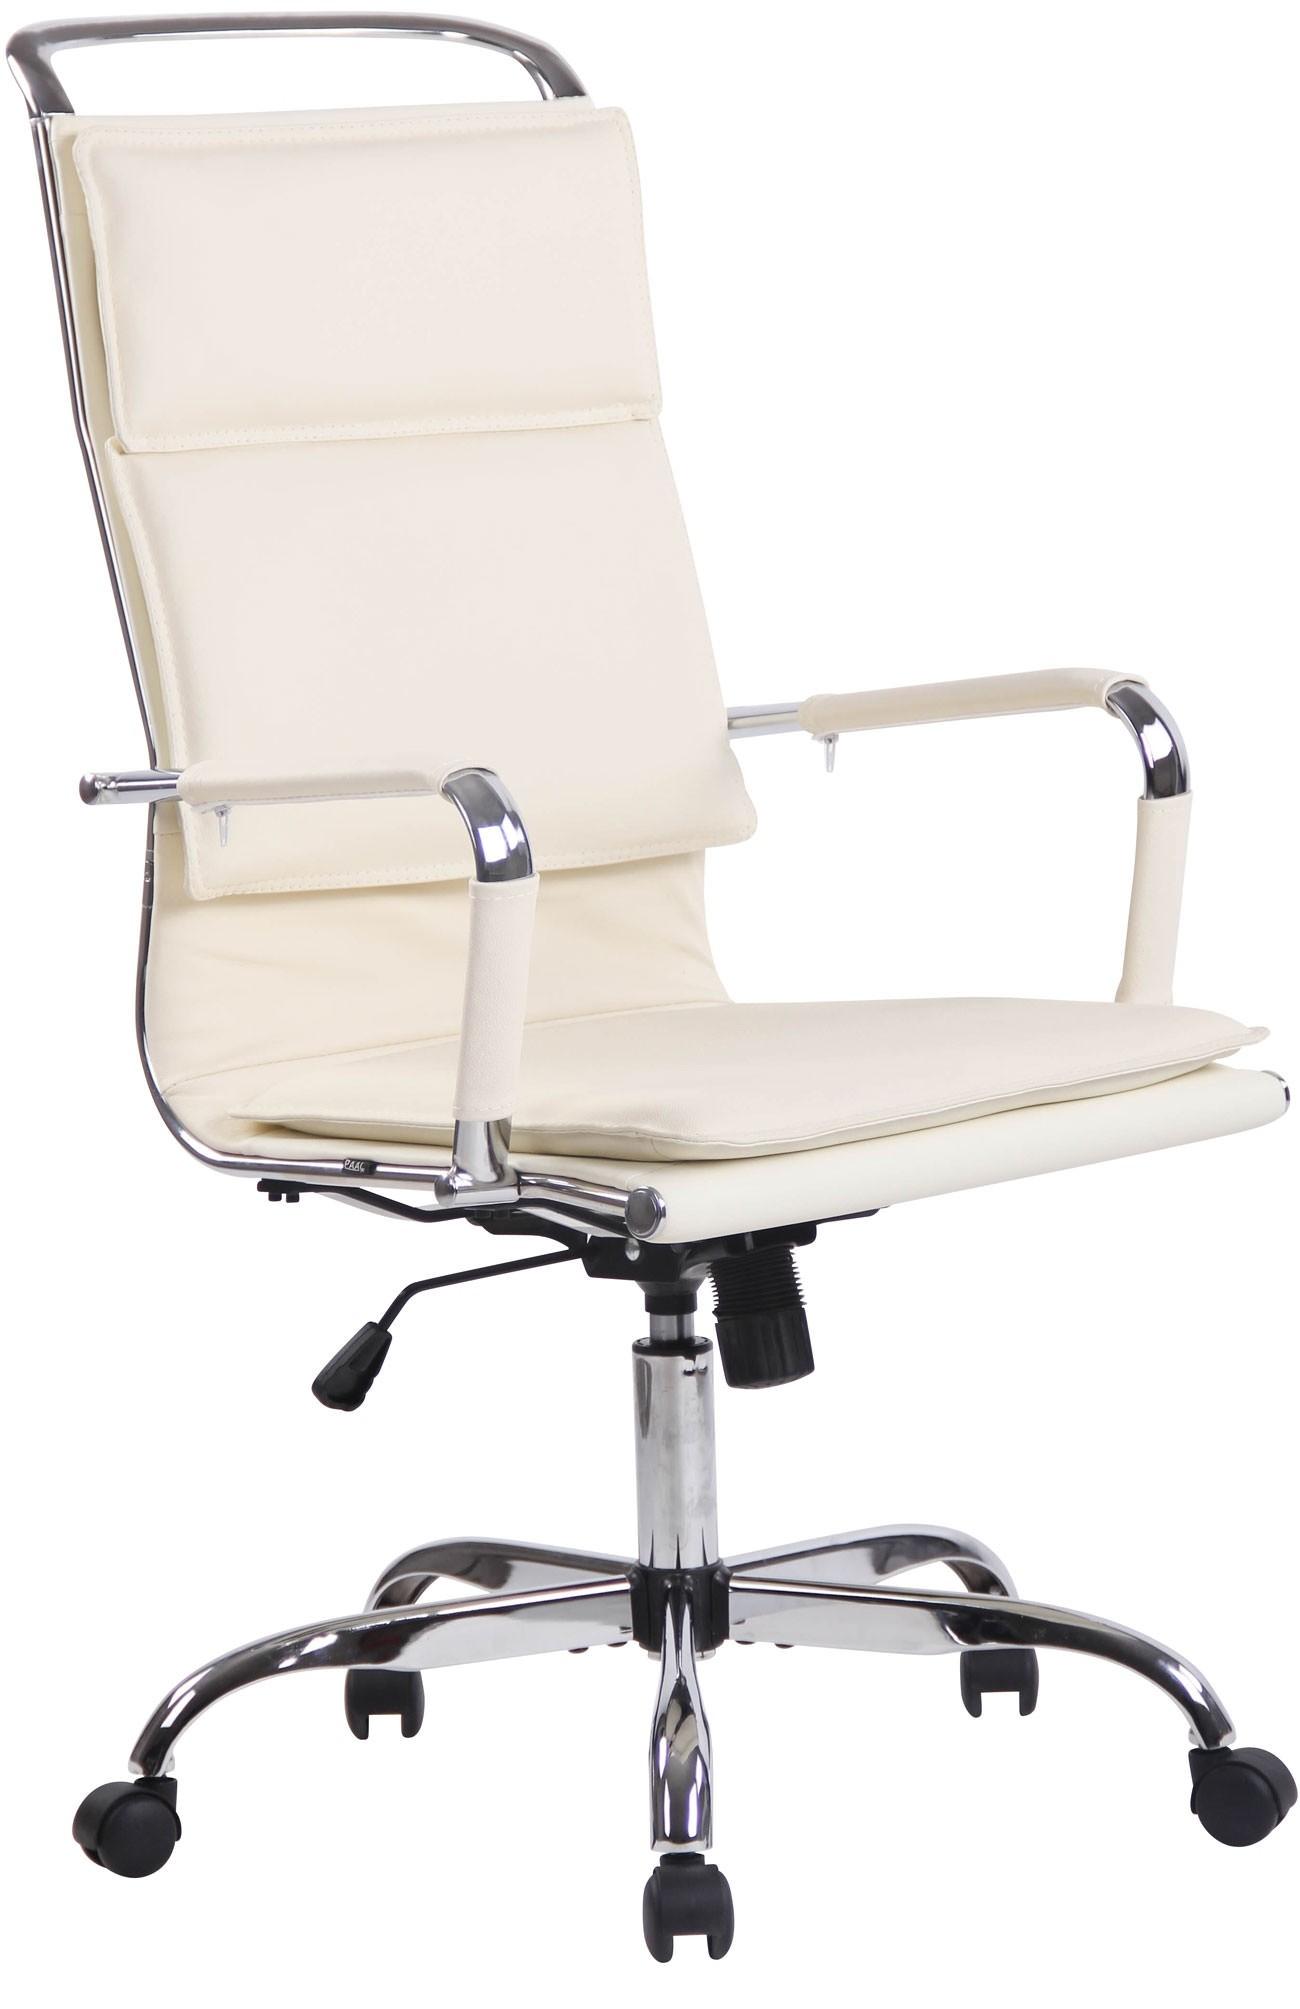 Chaise de bureau Bedford en similicuir et veritable cuir